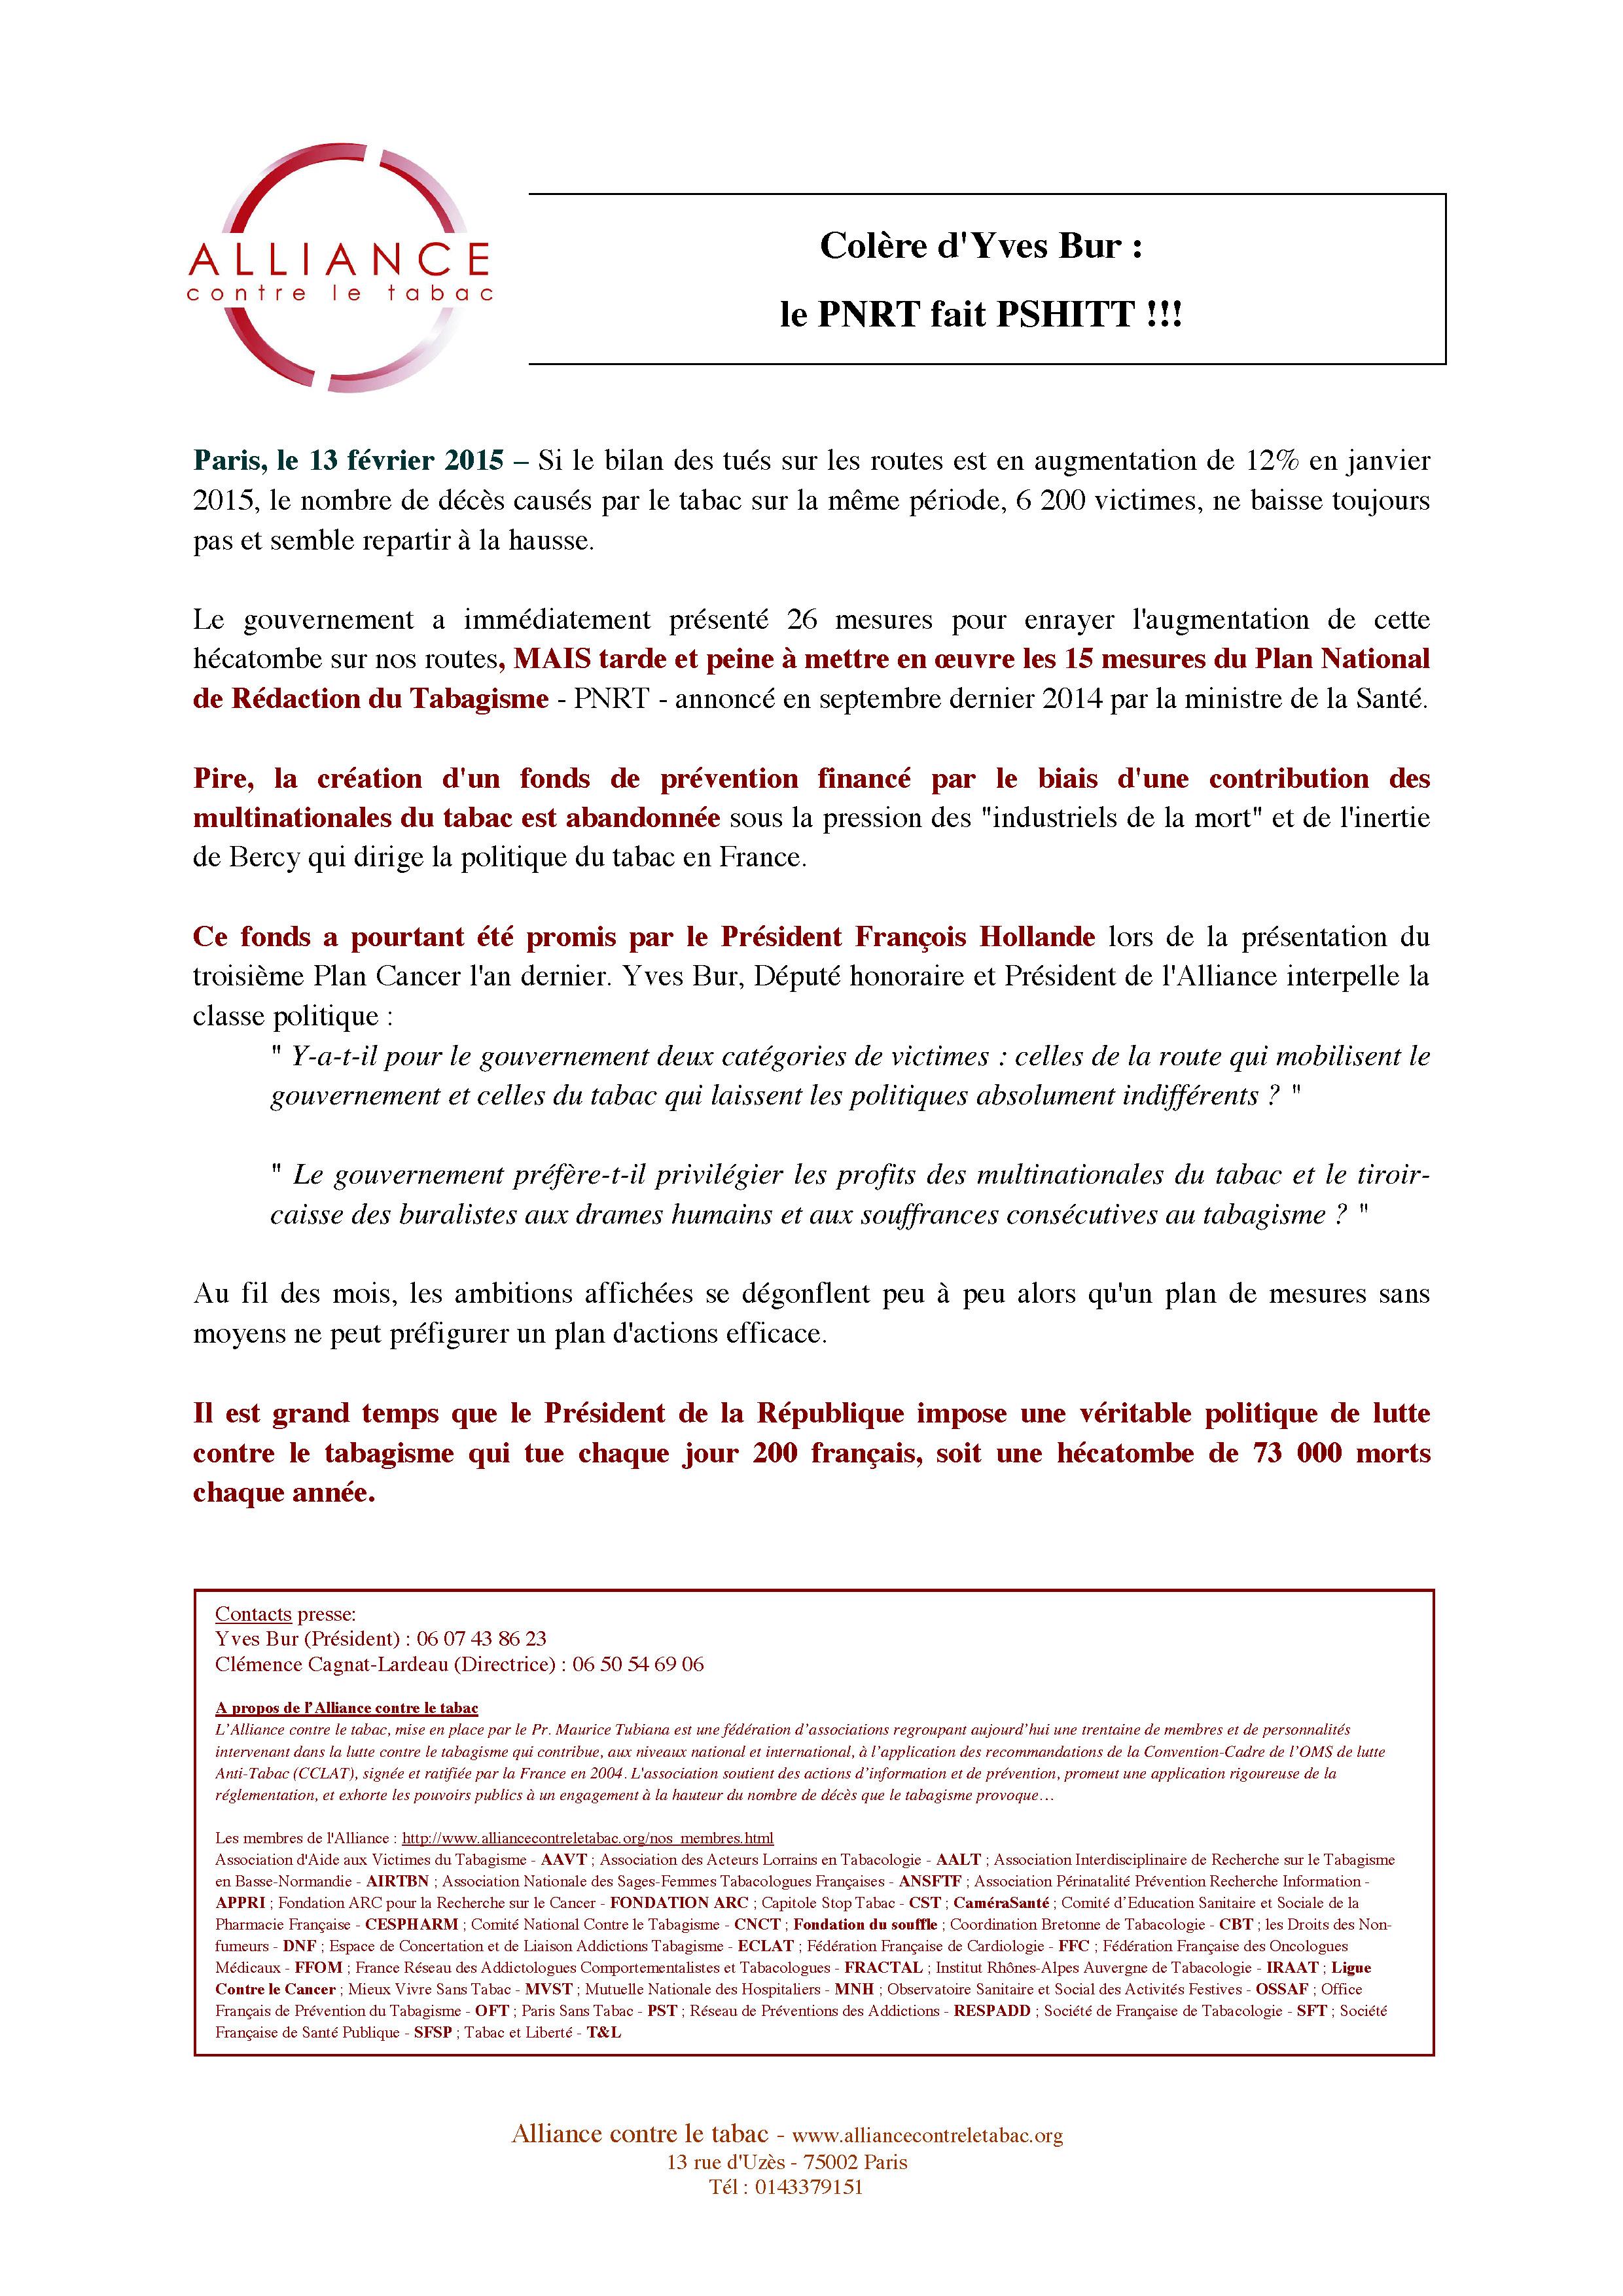 Alliance-CP_colere-d-yves-bur-le-pnrt-fait-pschitt-13fev2015.jpg